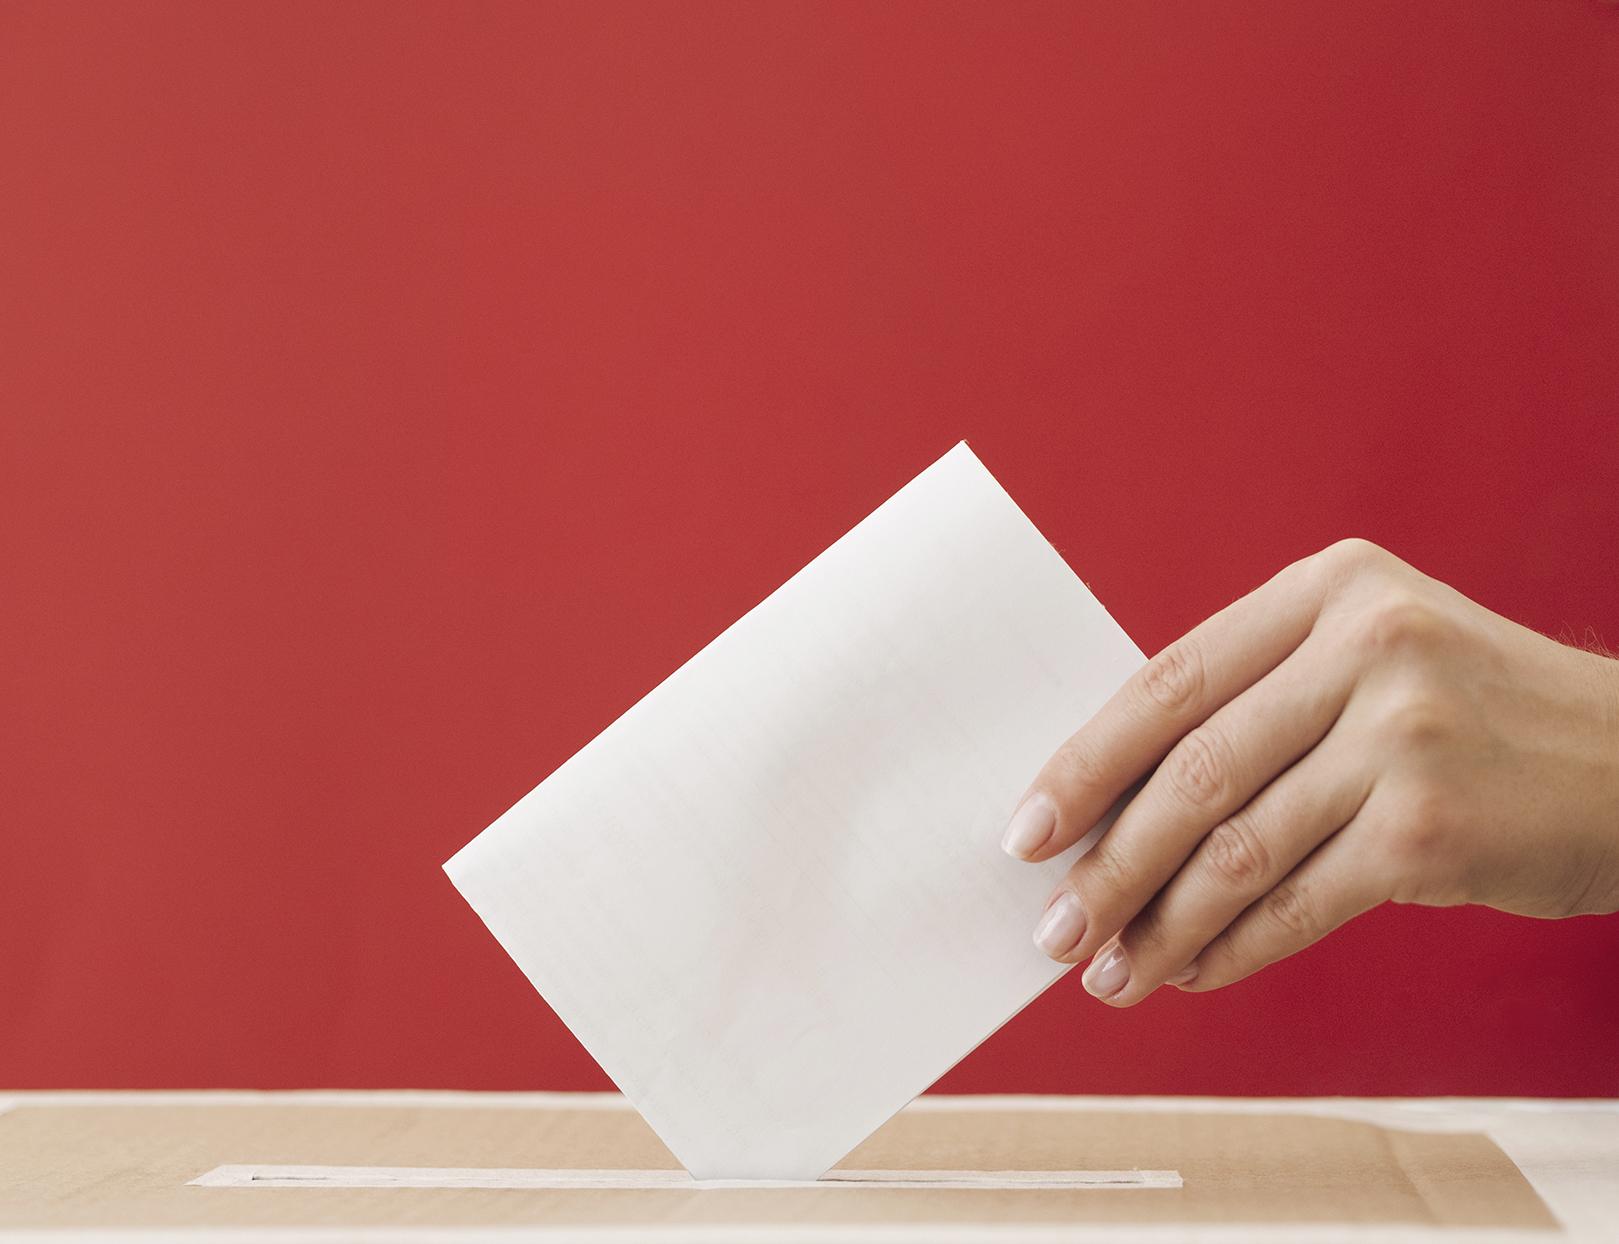 Wahlberechtigt